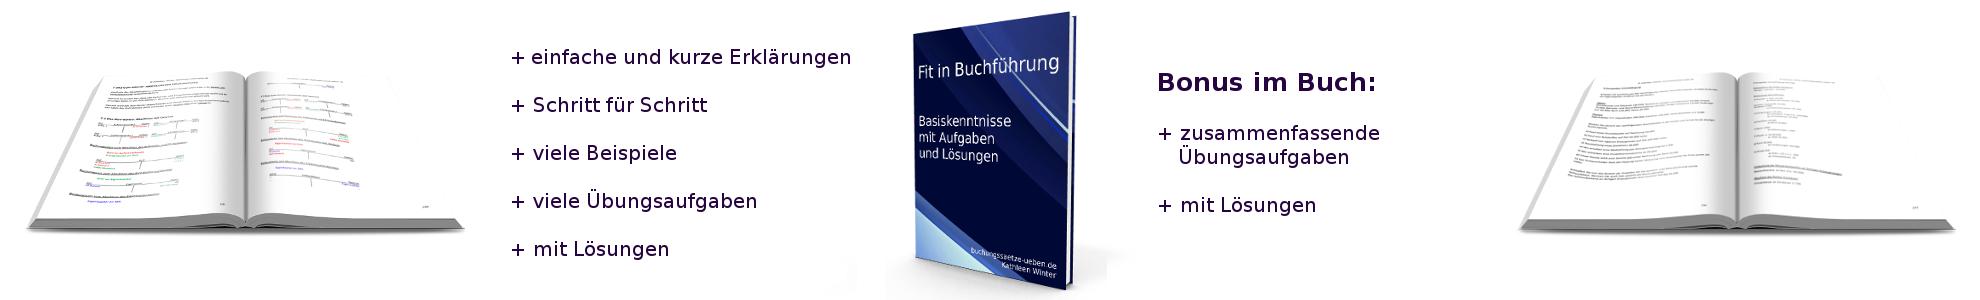 Fit in Buchführung – Basiskenntnisse mit Aufgaben und Lösungen